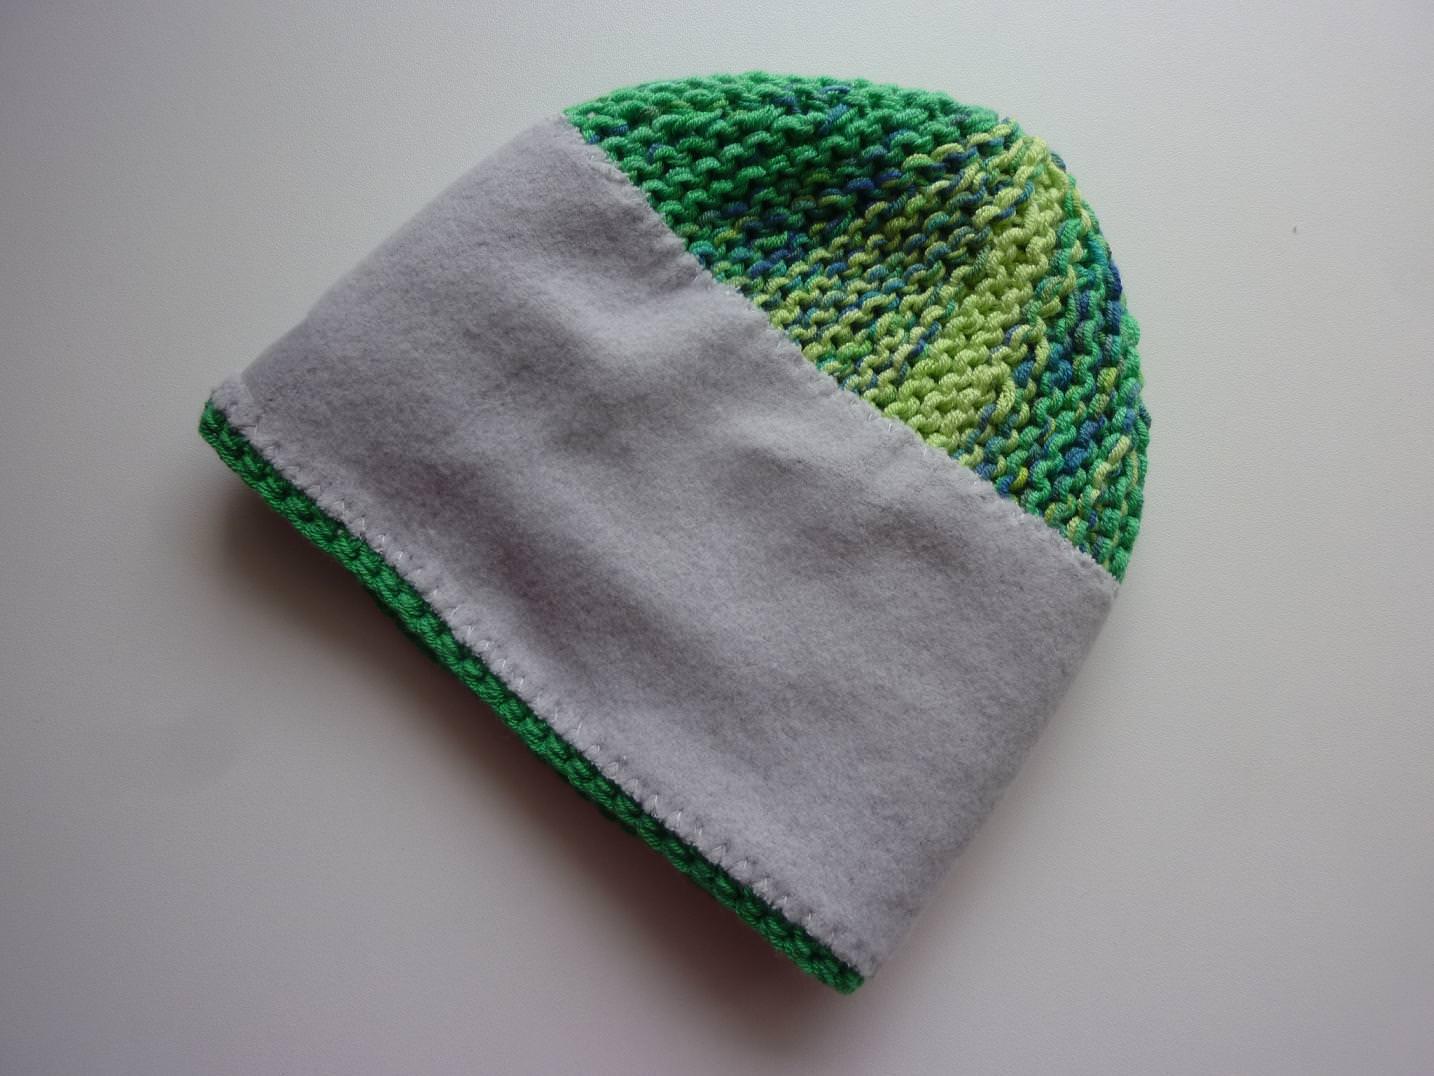 Kleinesbild - Babymütze Gr. 41 - 47 Grün aus Baumwolle handgestrickt, mit Fleece gefüttert